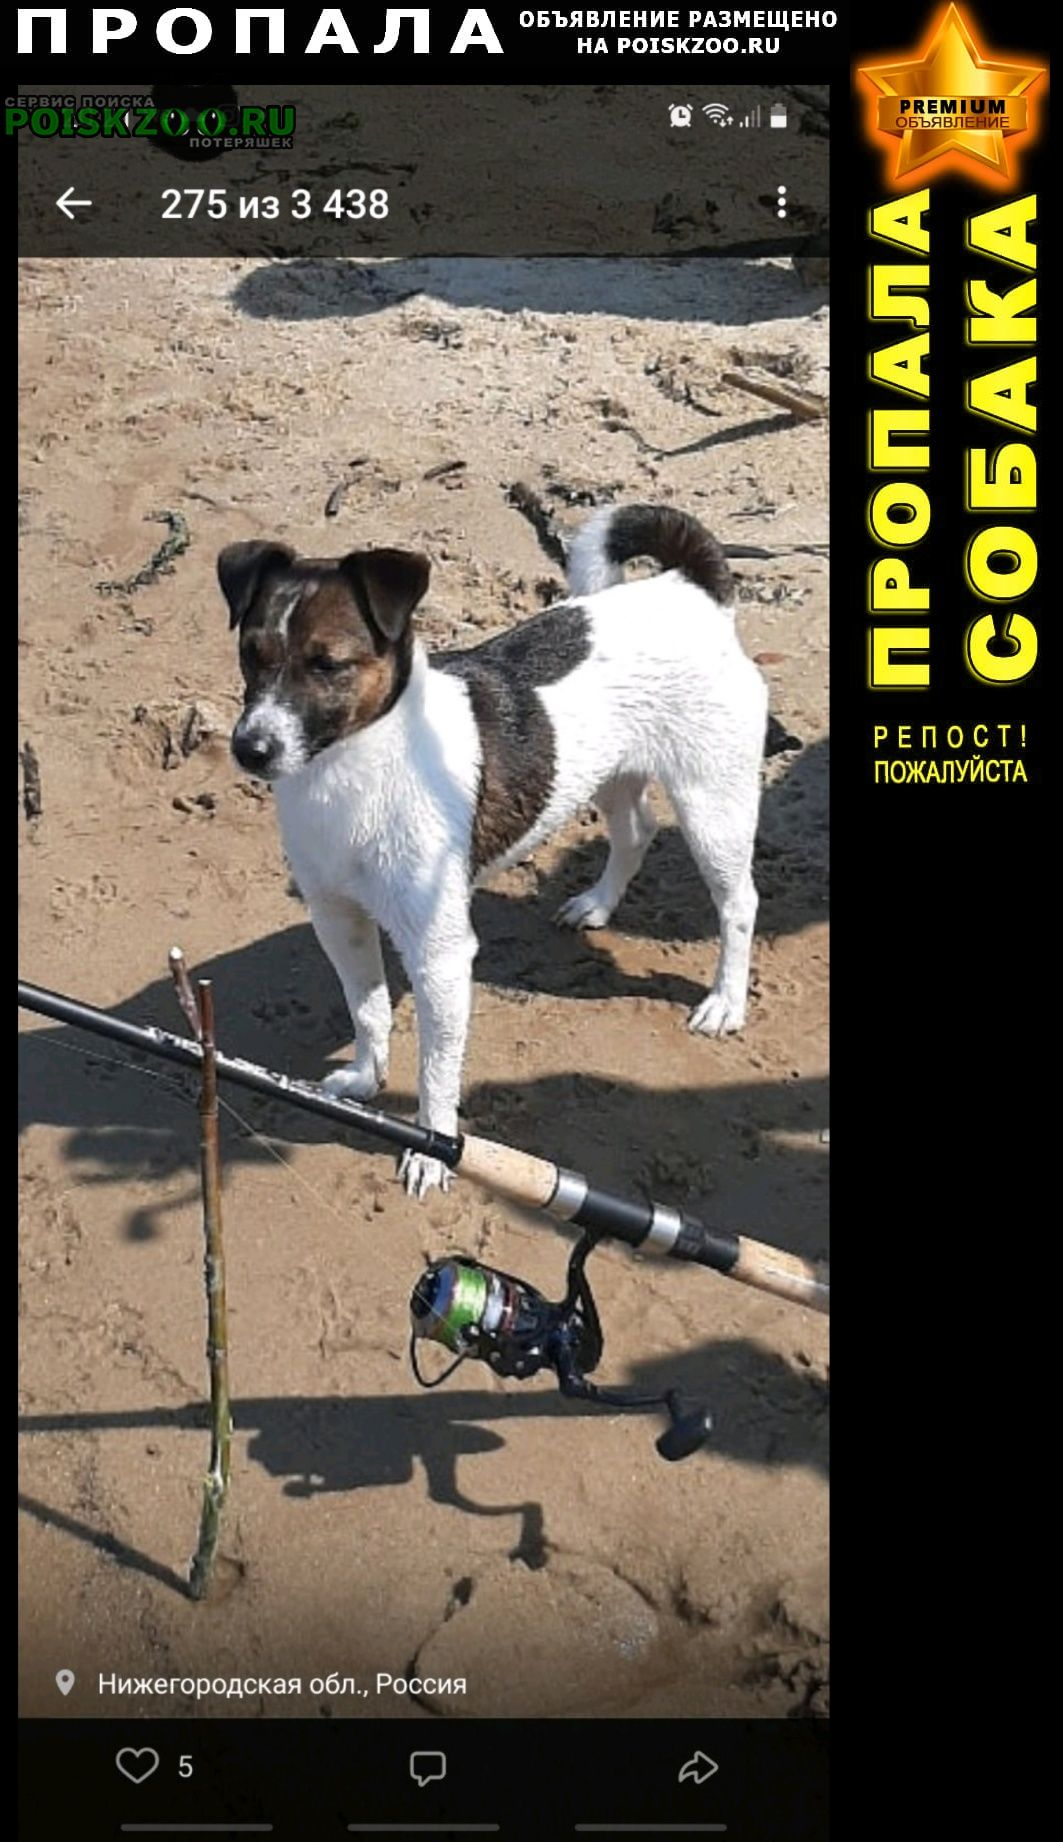 Пропала собака кобель г. посёлок дачн Дзержинск